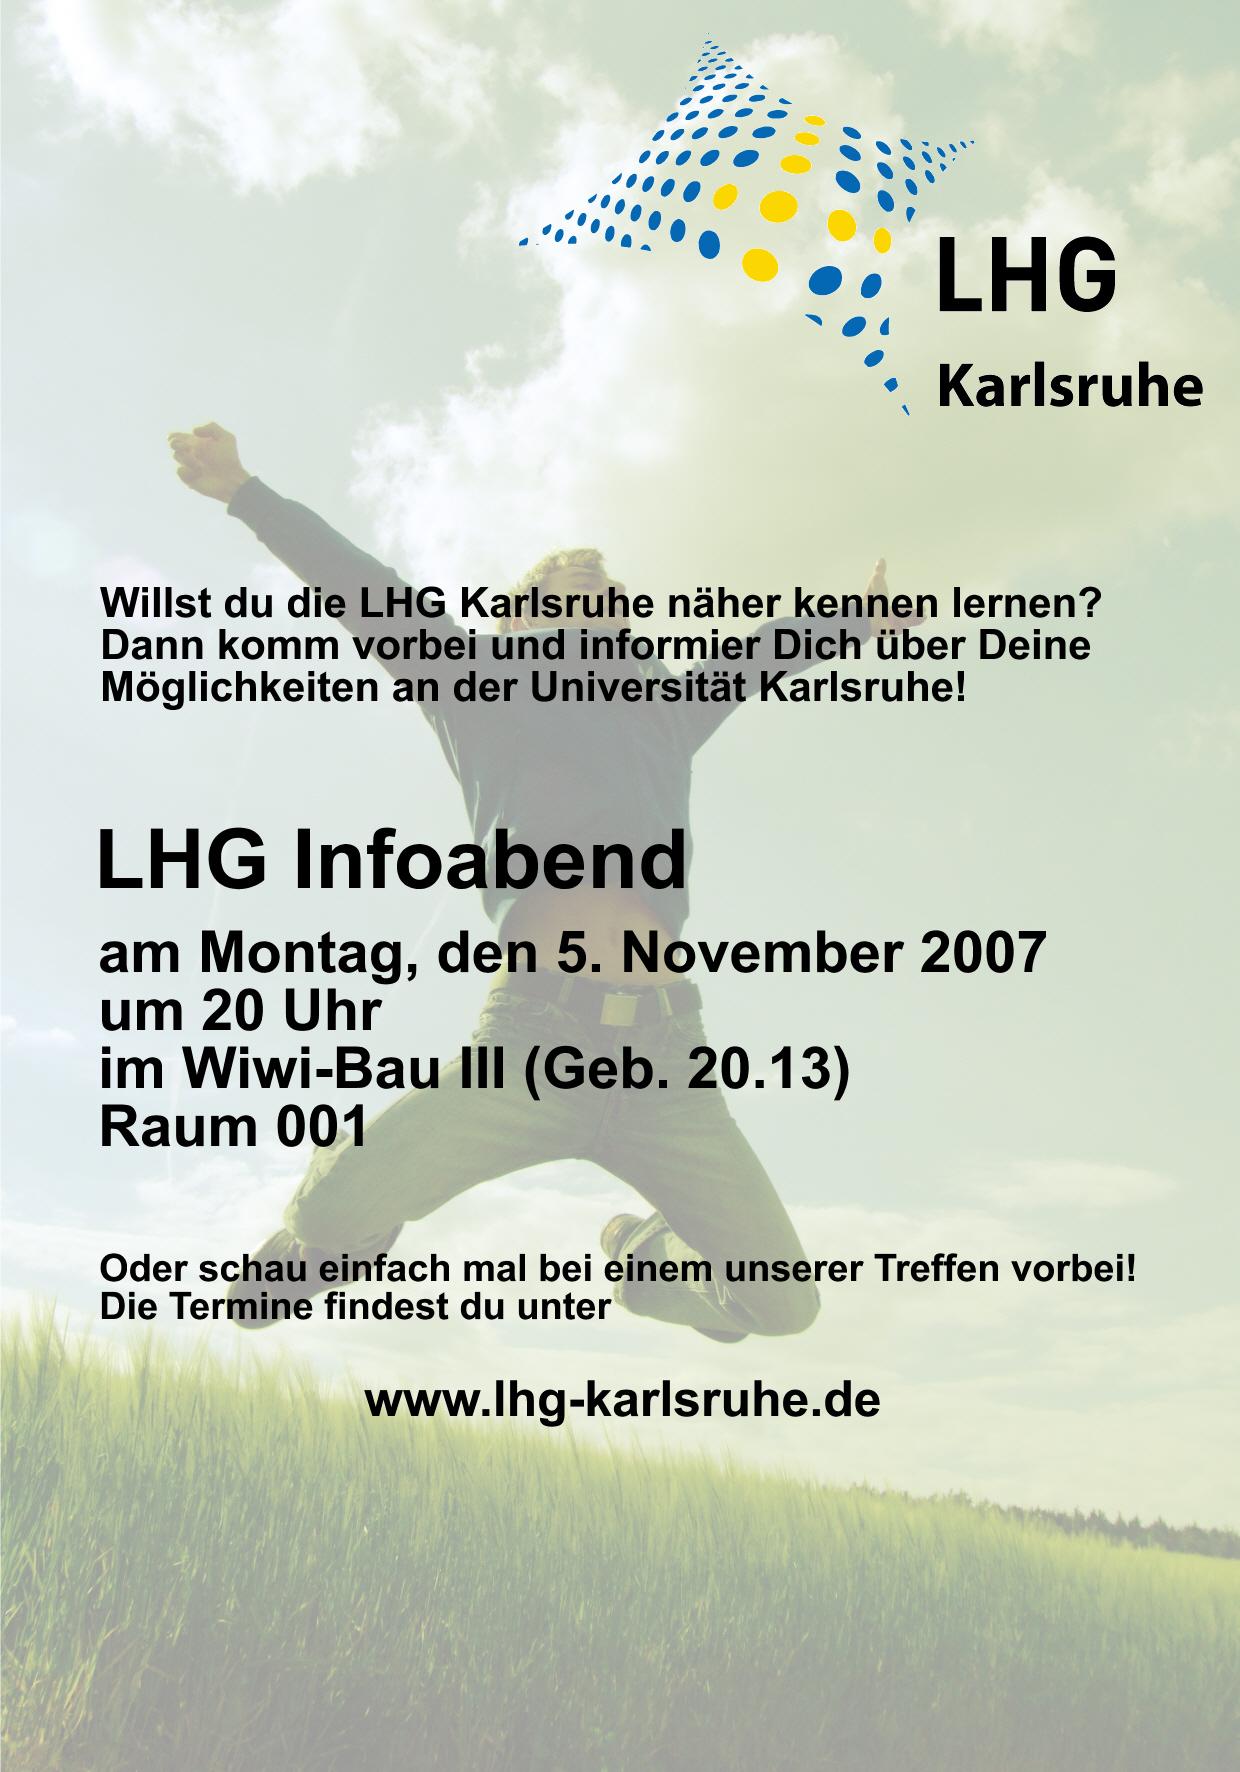 lhg-infoabend.jpg